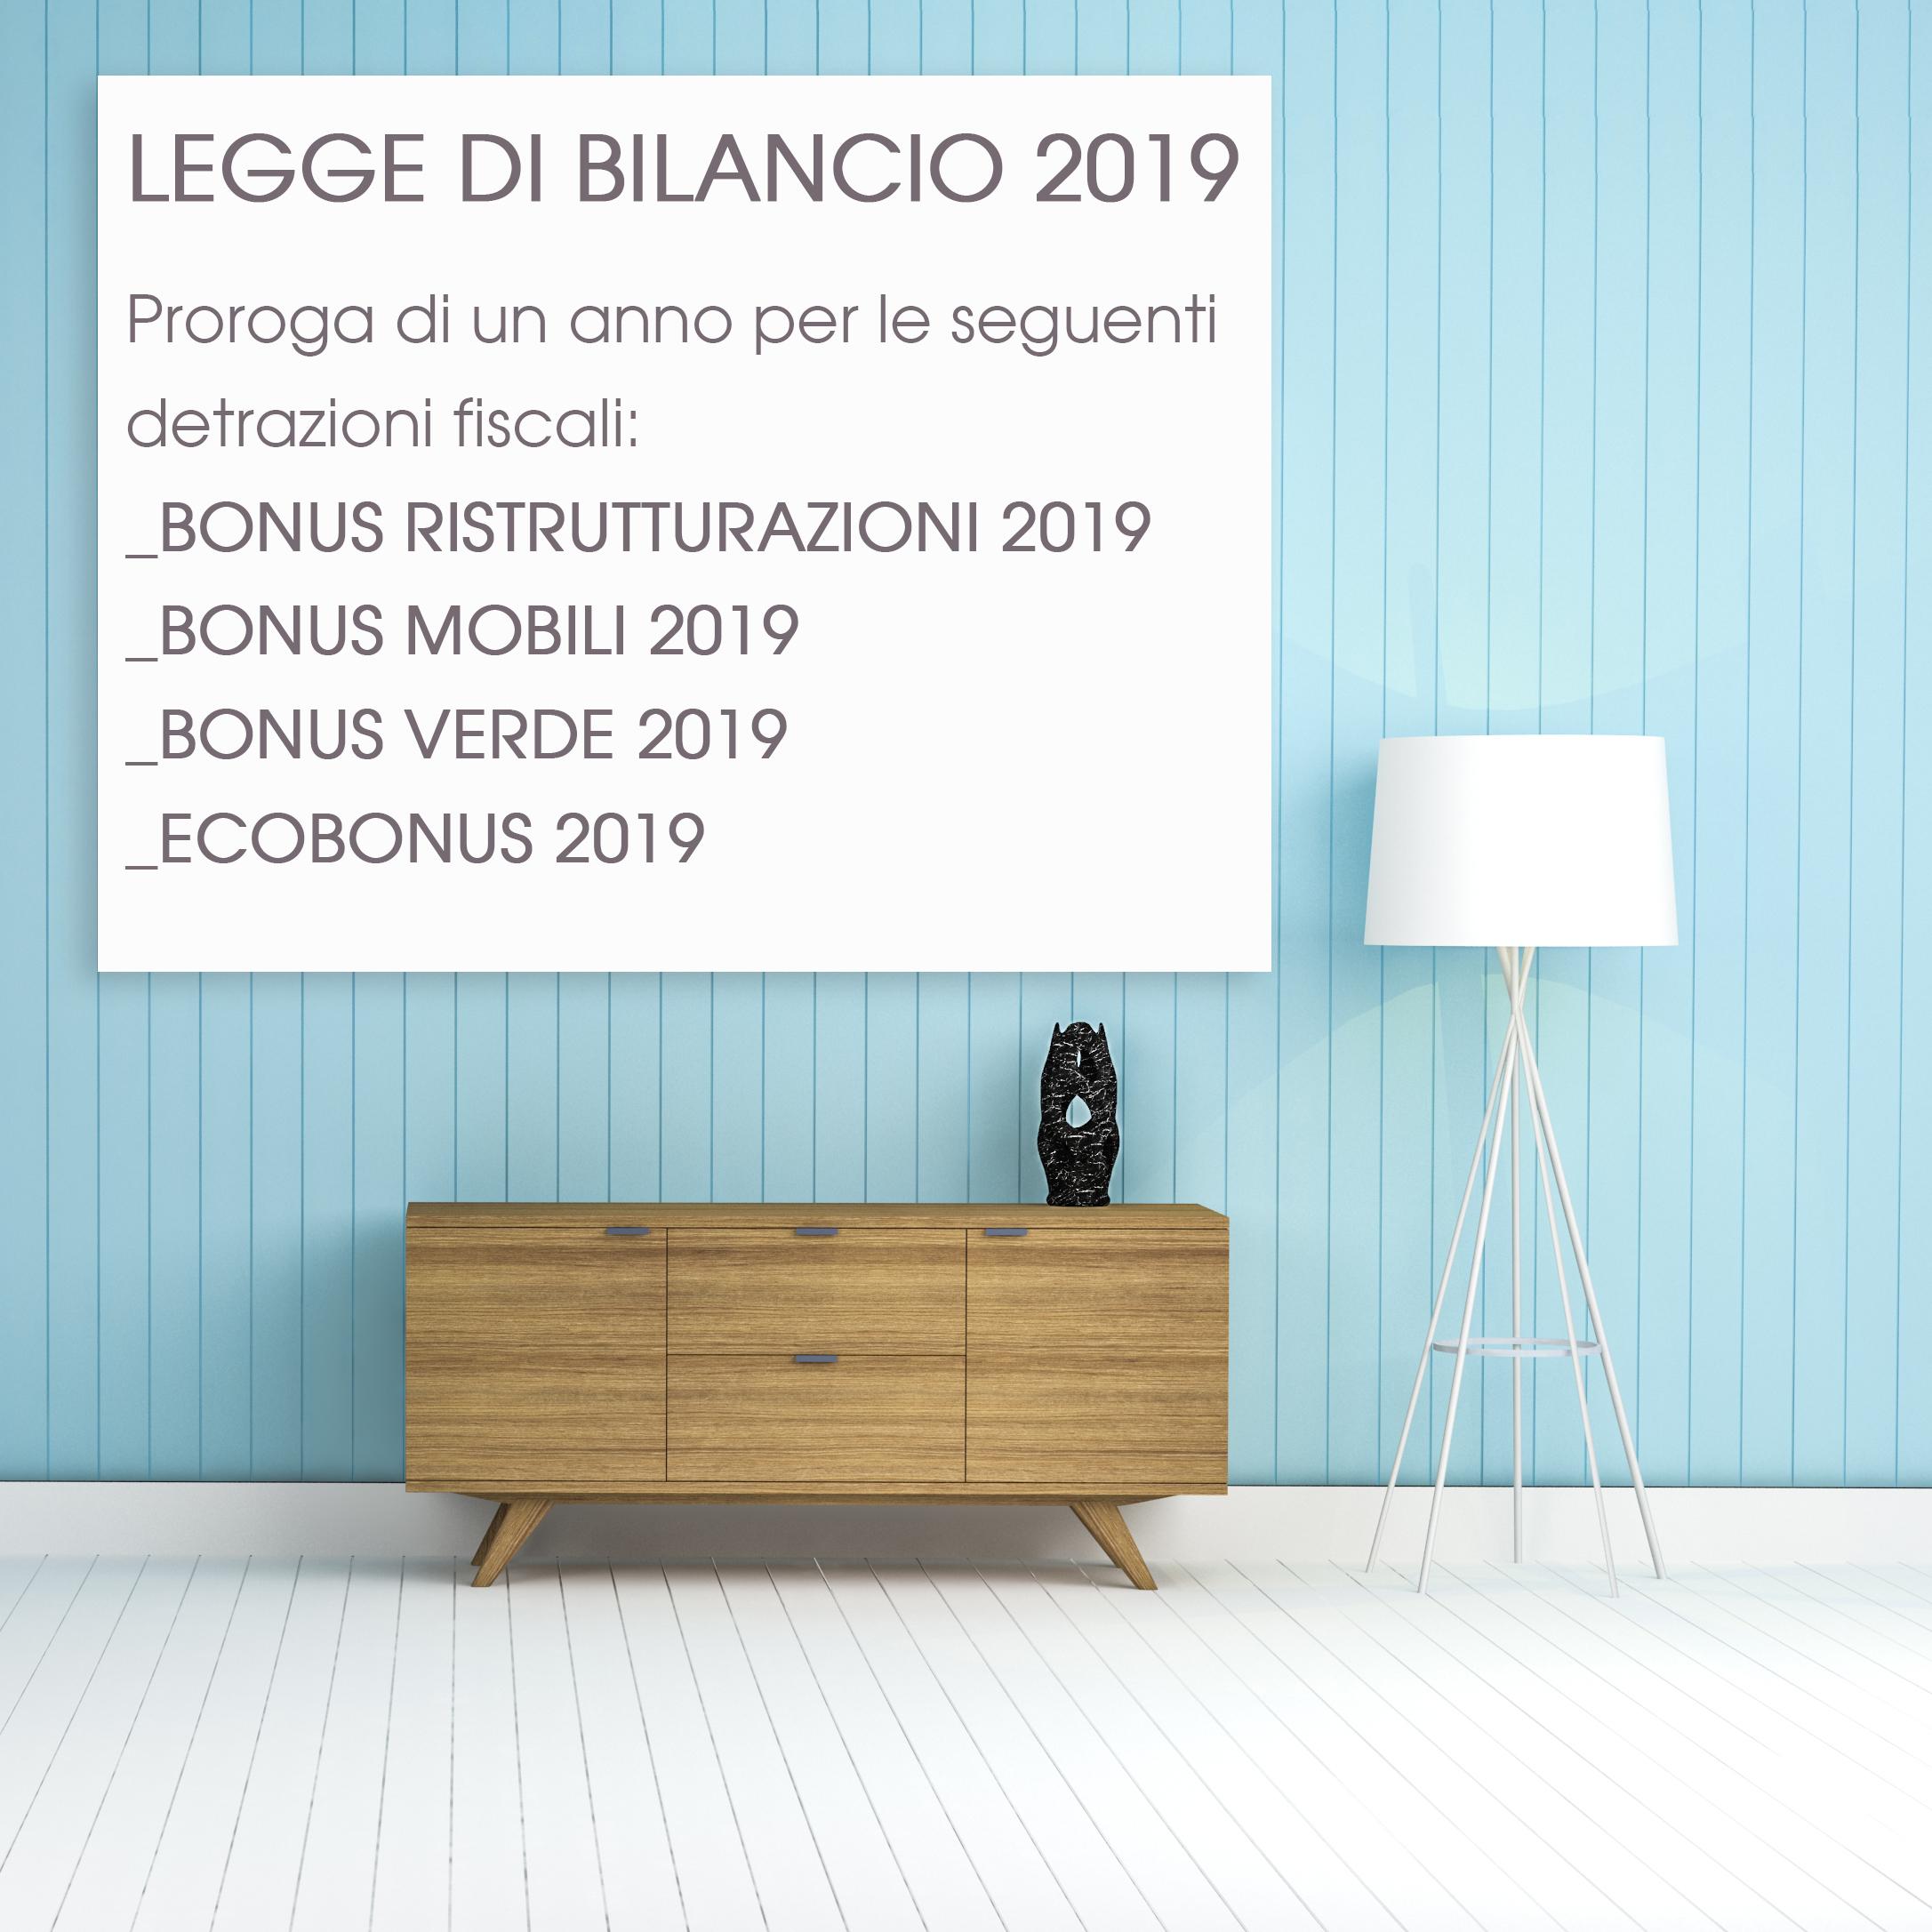 legge bilancio_architecture_styling_arch-style